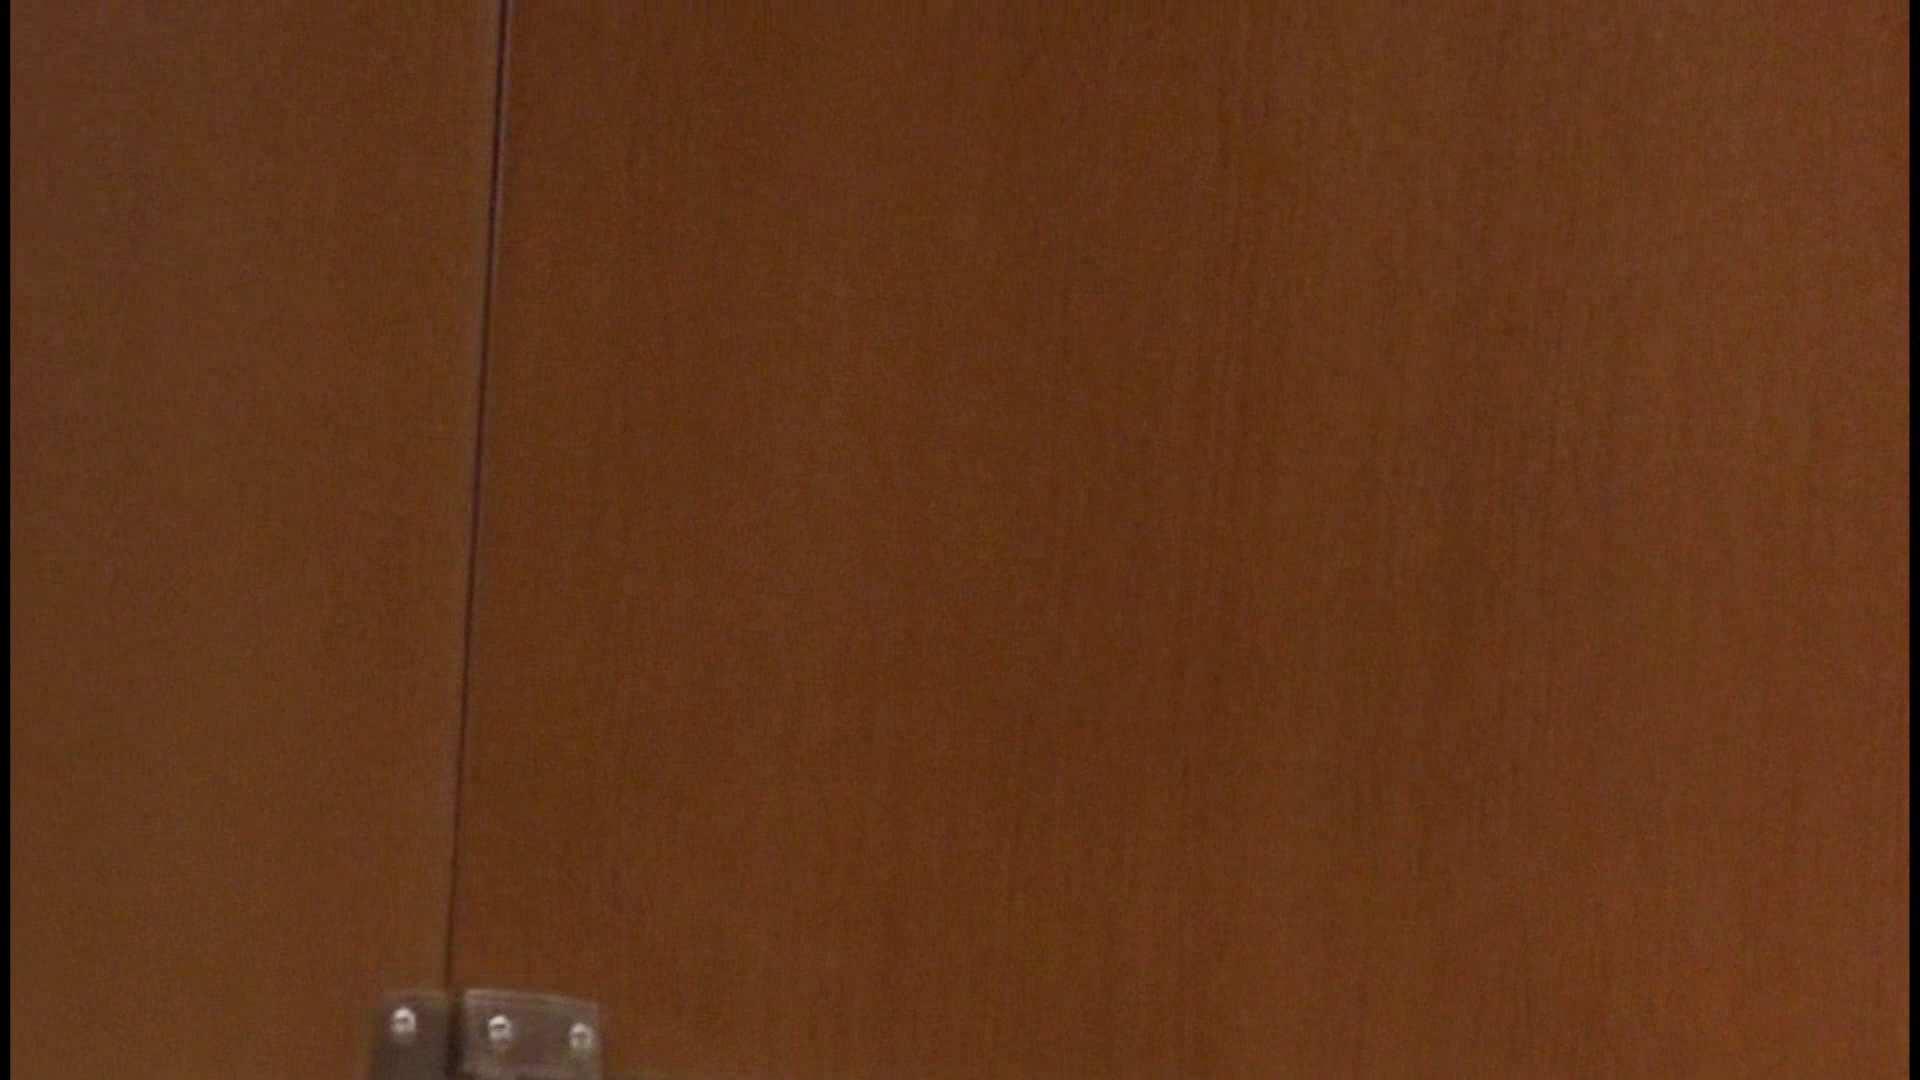 「噂」の国の厠観察日記2 Vol.08 OLハメ撮り  111Pix 91